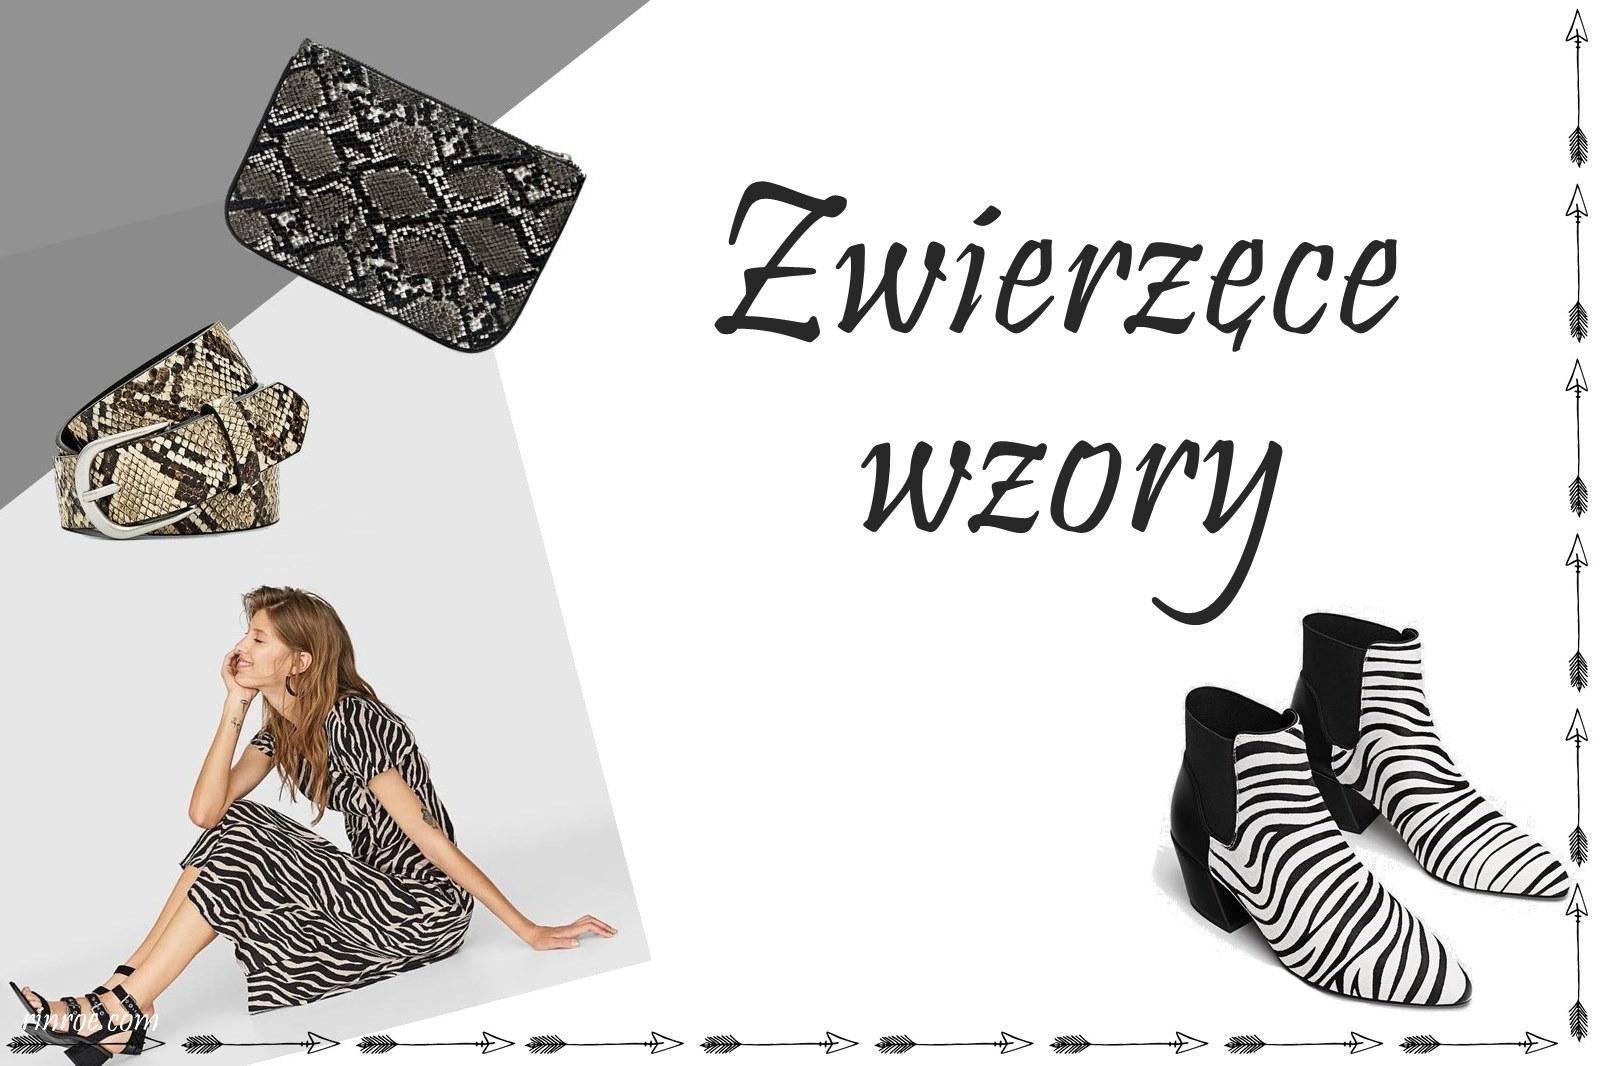 jak nosić zwierzęce wzory, z czym łączyć zwierzęce wzory, zwierzęce wzory na ubraniach, ubrani w cętki, sukienka w cętki, płaszcz w cętki, buty  cętki, w cętki, w panterkę, panterka, zebra, w zebrę, wężowy top, wężowy wzór, wężowa sukienka, inditex, stradivarius, zara, bershka, animal print, trendy, trendy jesień zima, jesień 2018, zima 2018, co modnego na zimę 2018